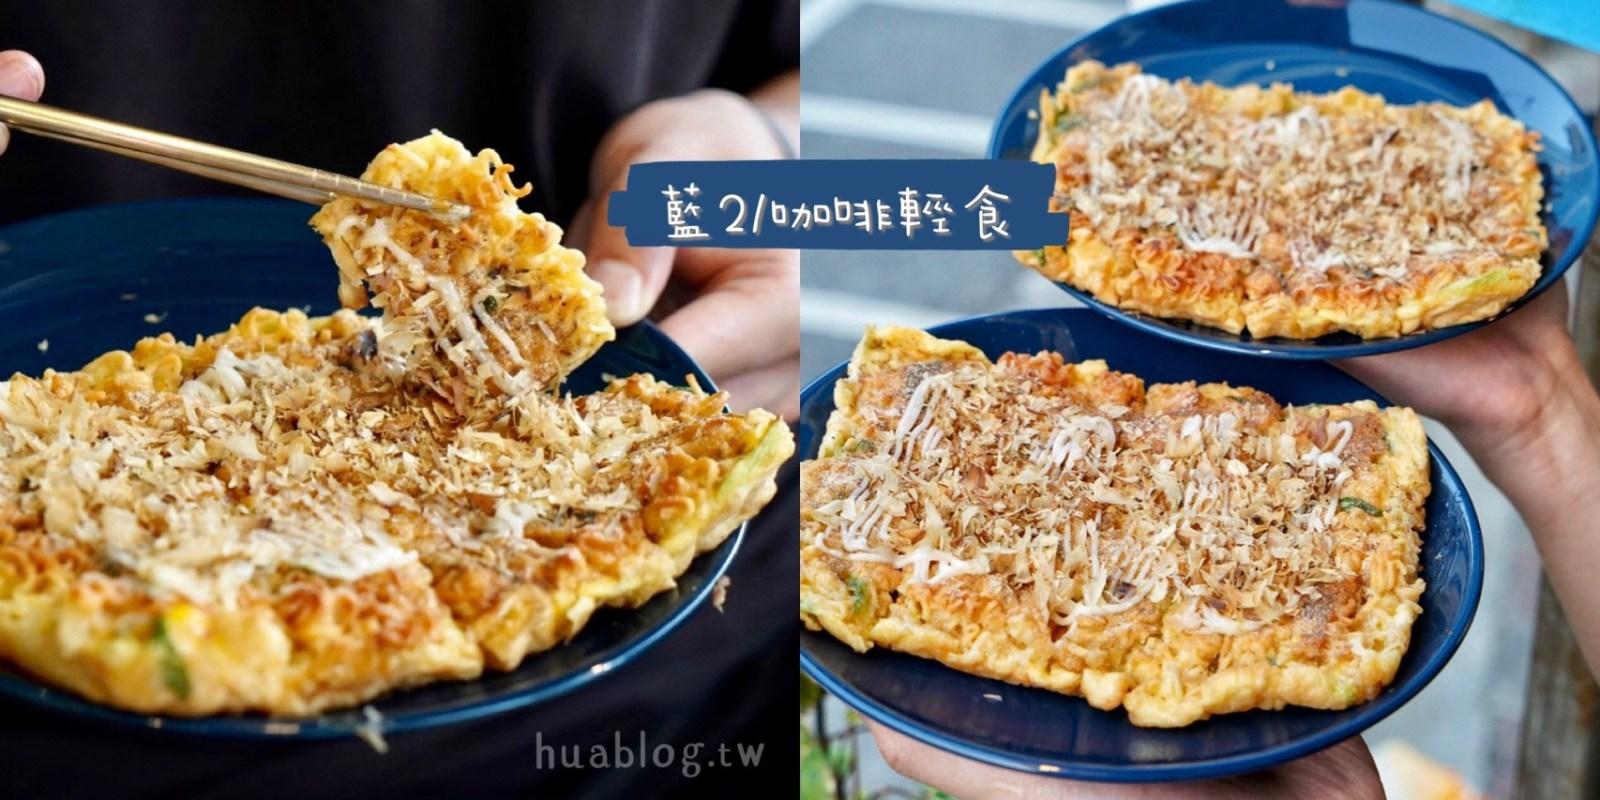 你吃過這樣的特色創意泡麵烘蛋餅(澎湖燒)嗎?就是這間『藍21咖啡輕食』,手工製作的蛋餅皮,再與泡麵、烘蛋做結合!